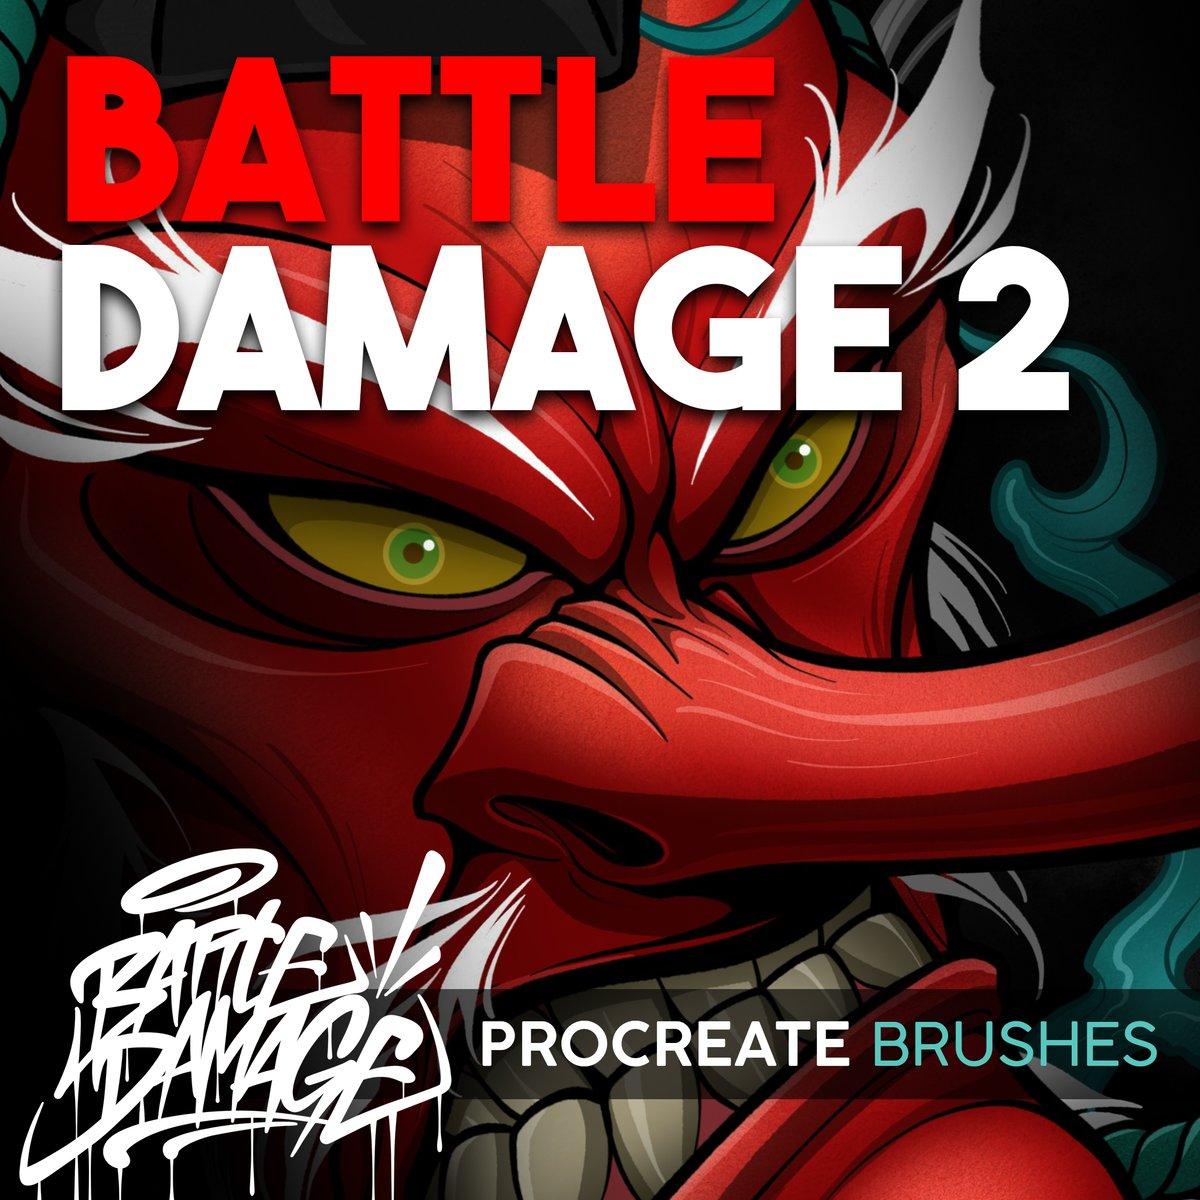 Image of Battle Damage 2 Procreate Brush Set